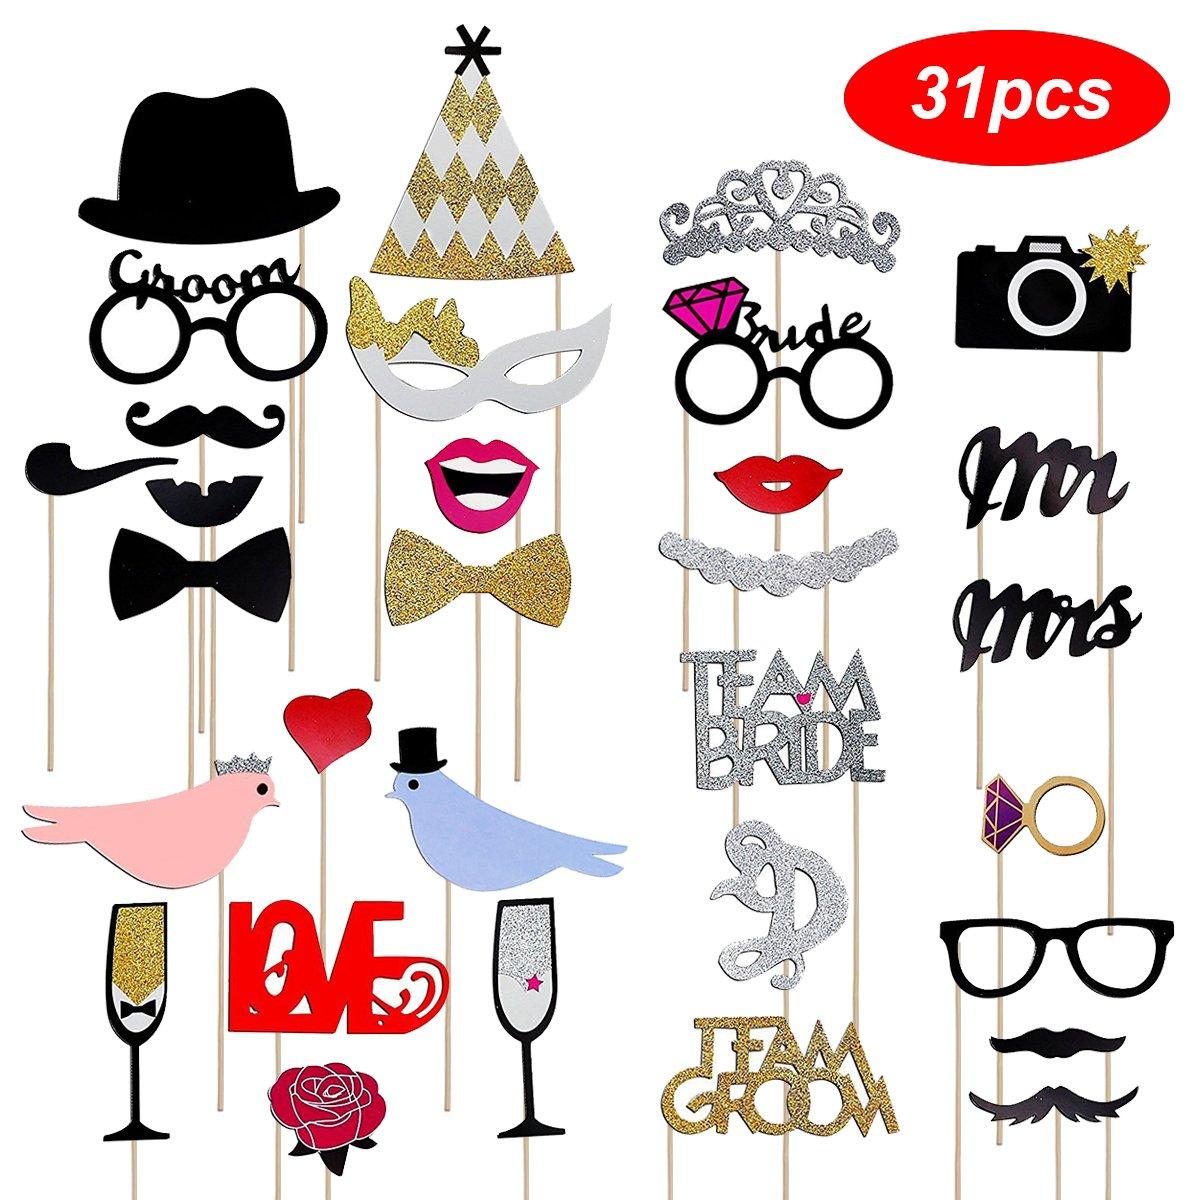 Aostar 31 PCS Photo Booth Props Photobooth pour Fête de Mariage Accessoires de bricolage colorés lunettes moustache lèvres nœud Papillon chapeaux sur bâtons pour mariage Parti Mariage Accessoir